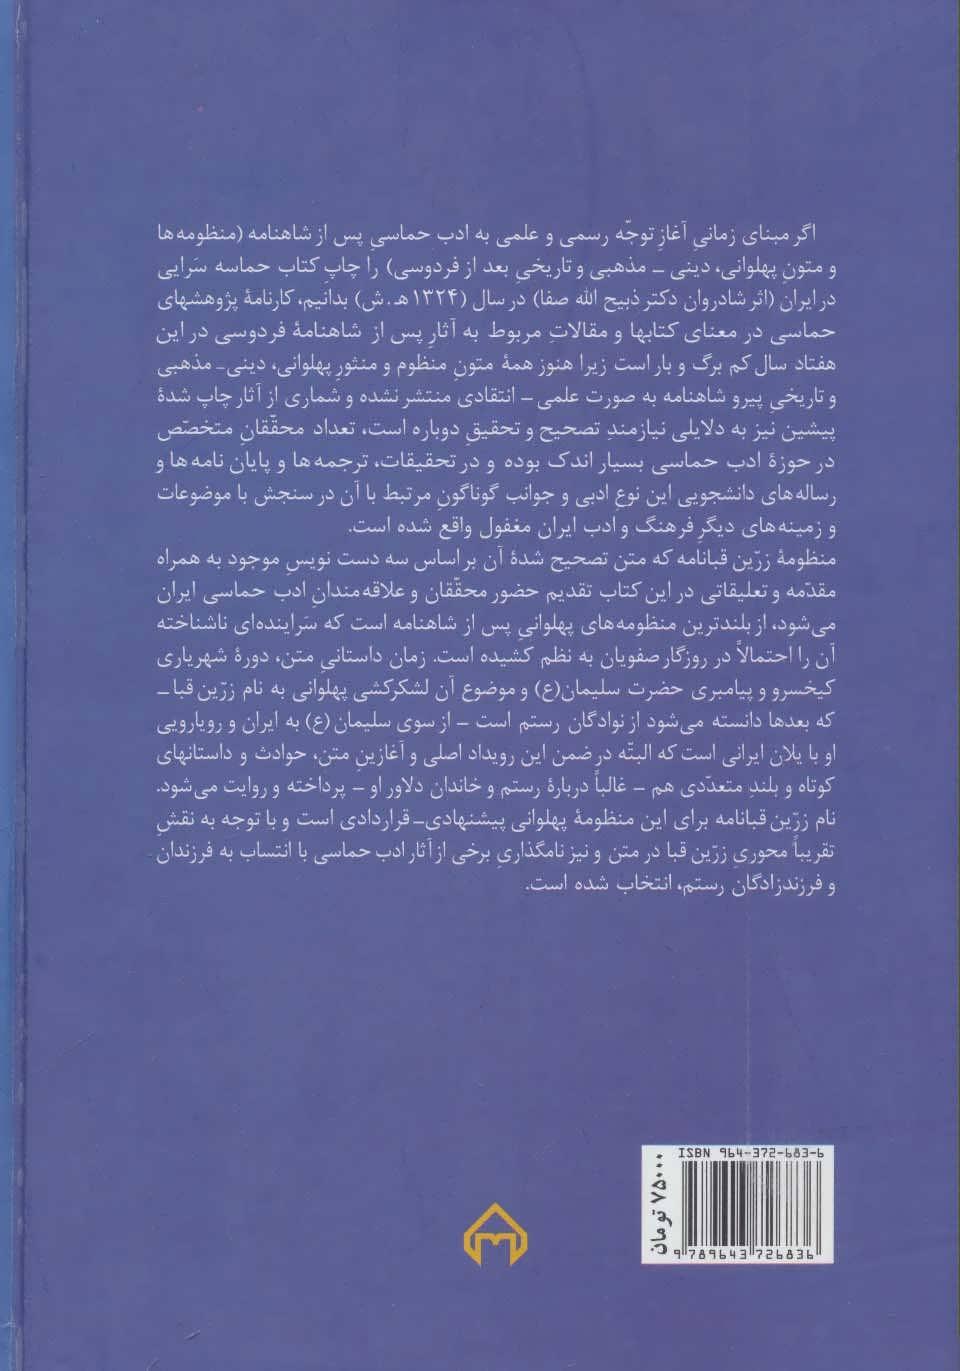 زرین قبانامه (منظومه ای پهلوانی و پیرو شاهنامه از عصر صفویه)